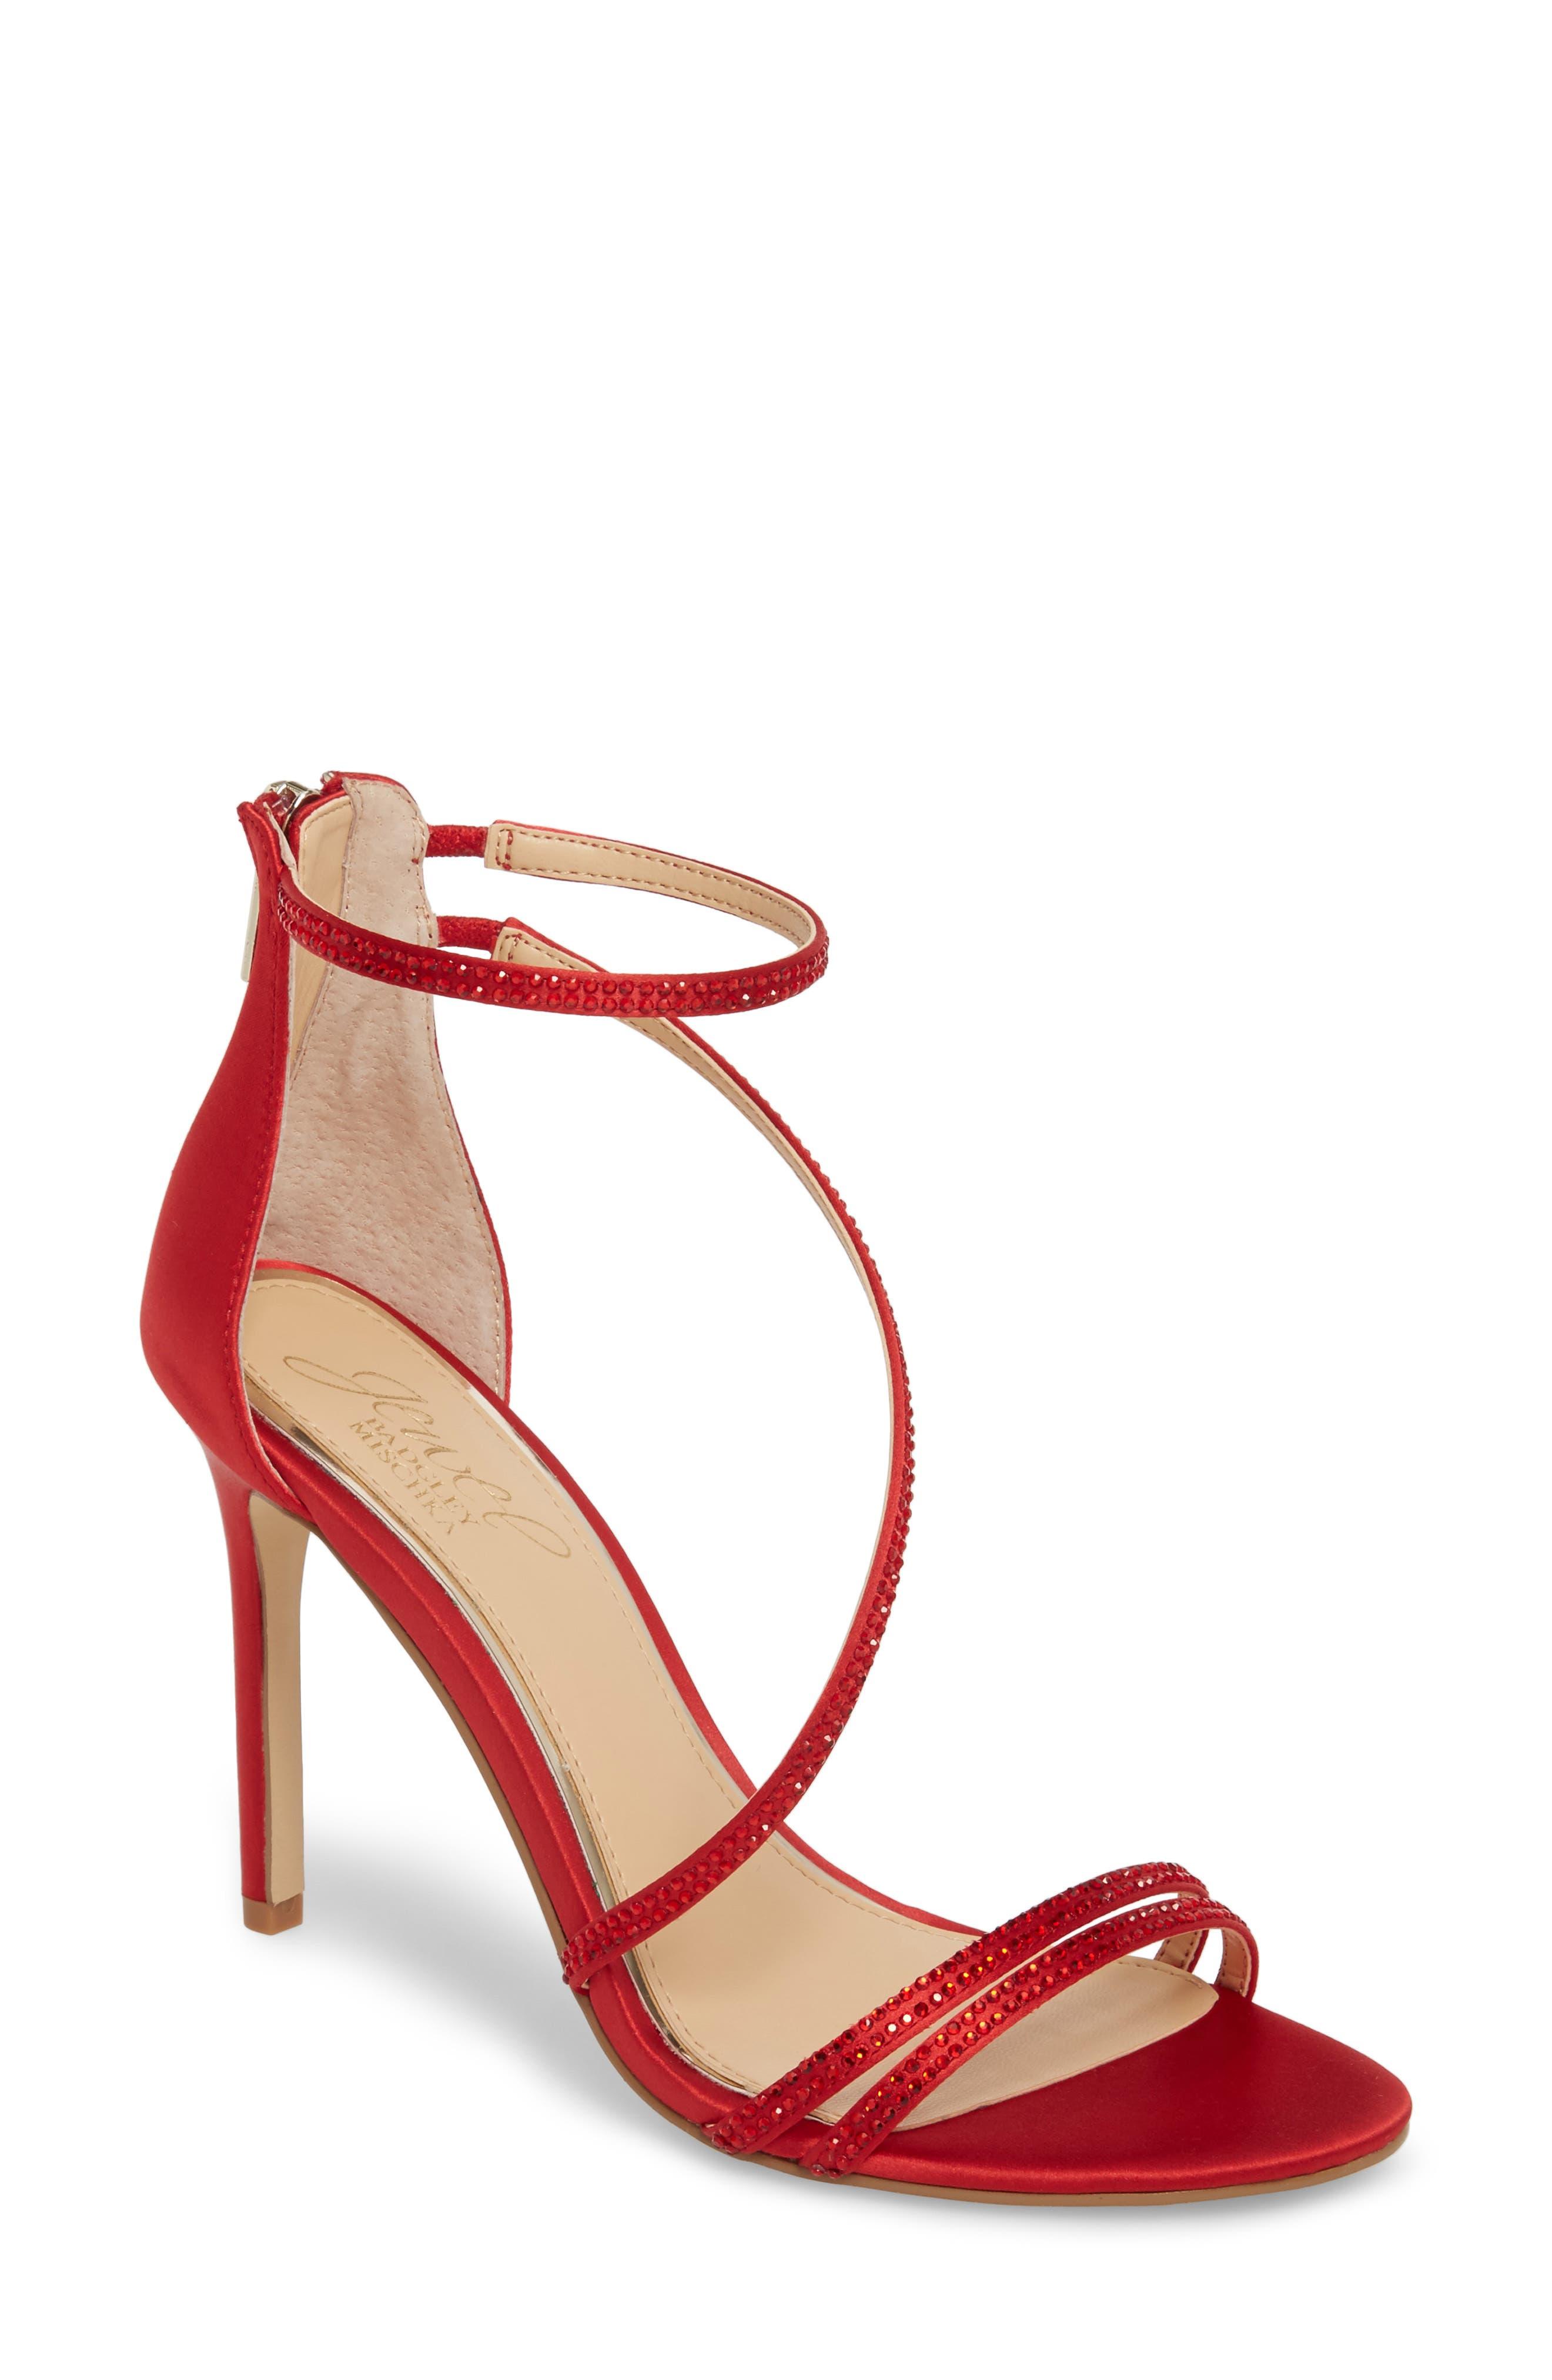 Gail Crystal Embellished Sandal,                         Main,                         color, Red Satin